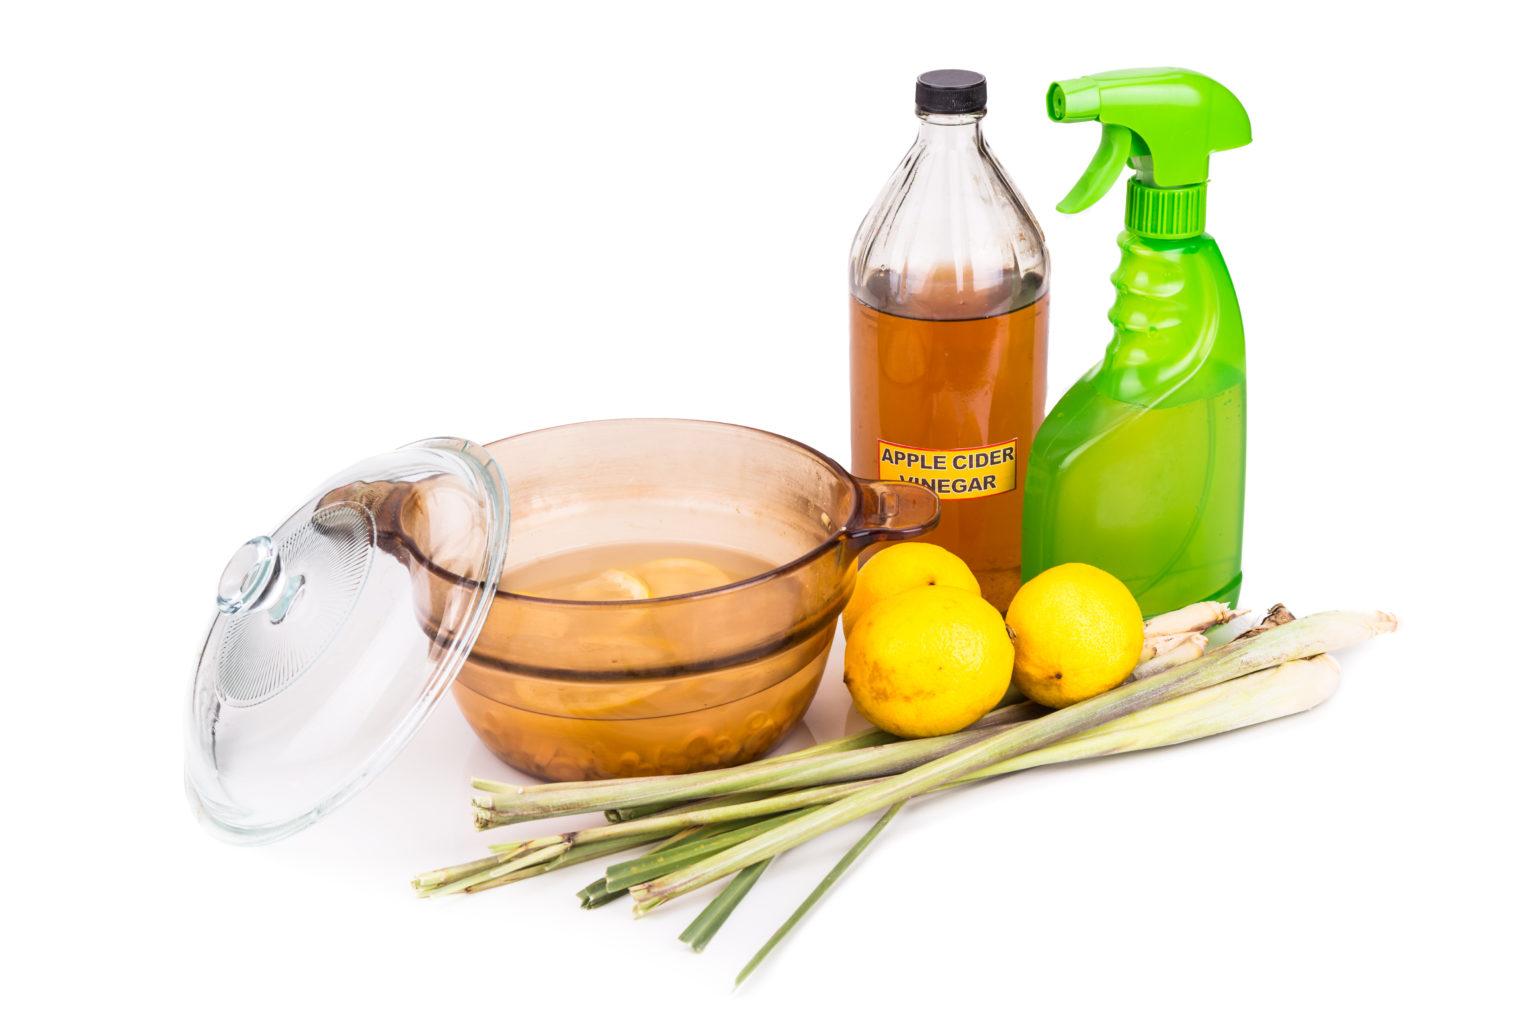 Use Apple Cider Vinegar Spray